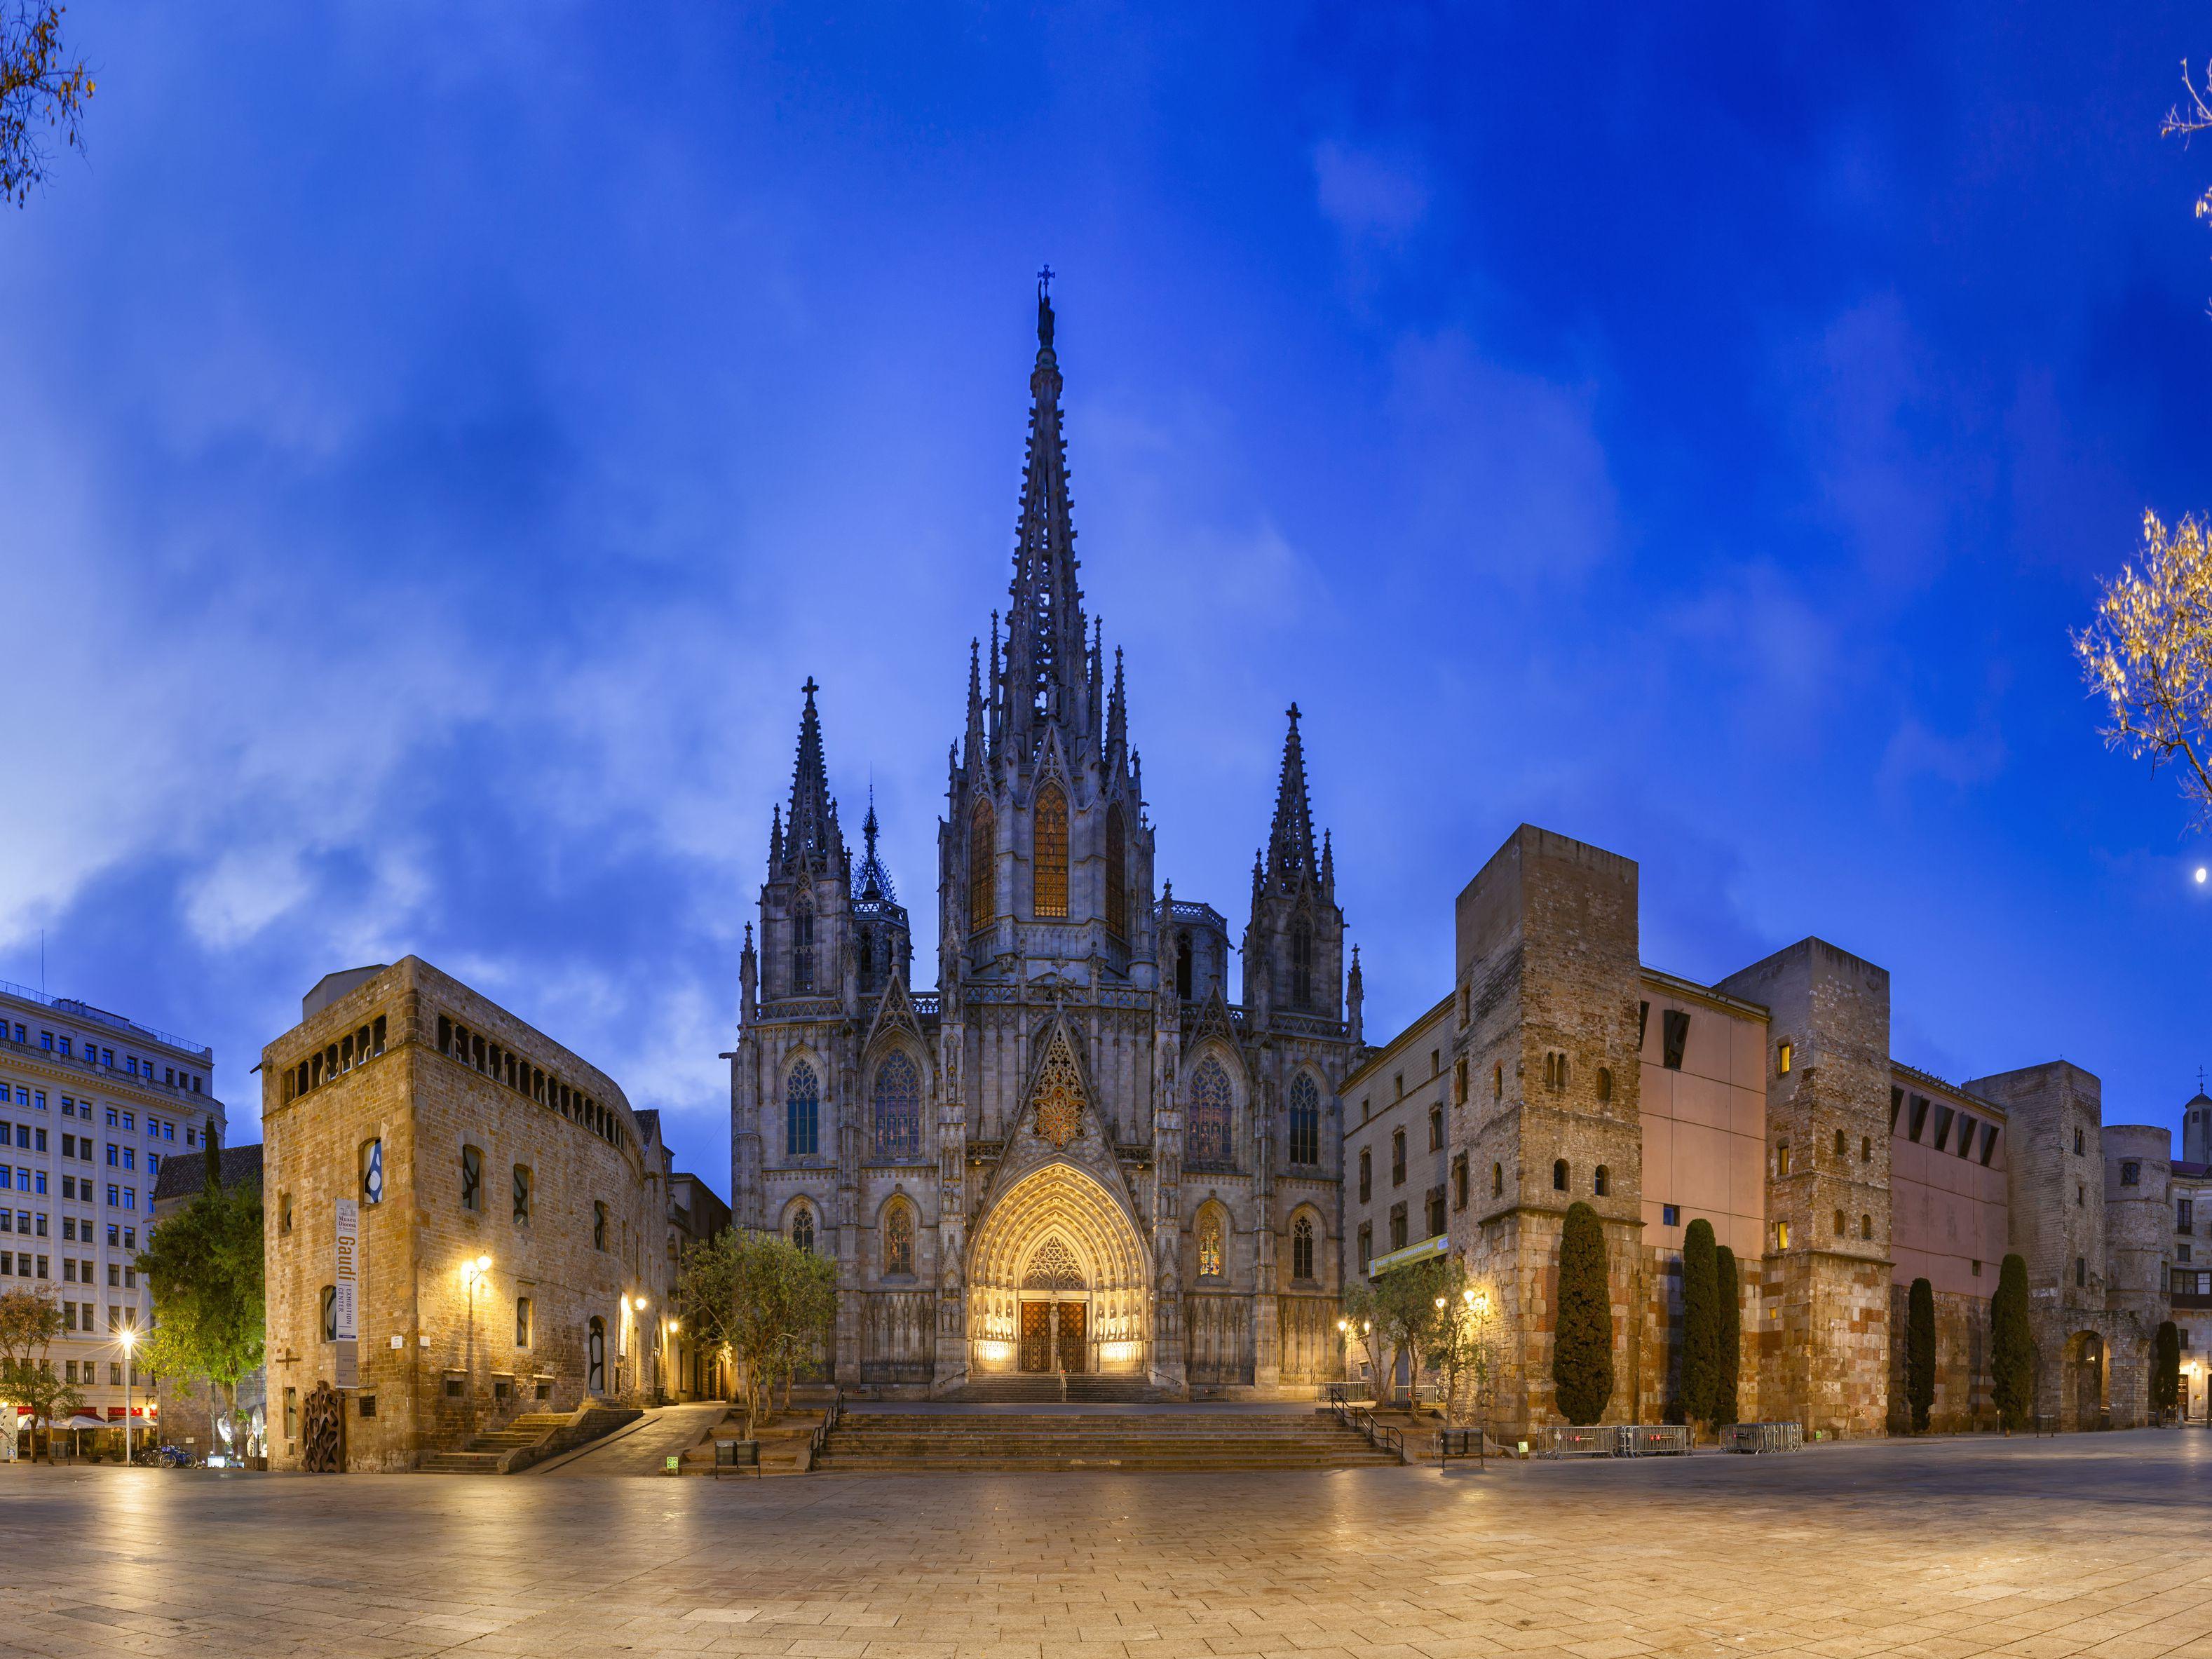 Αποτέλεσμα εικόνας για barcelona city